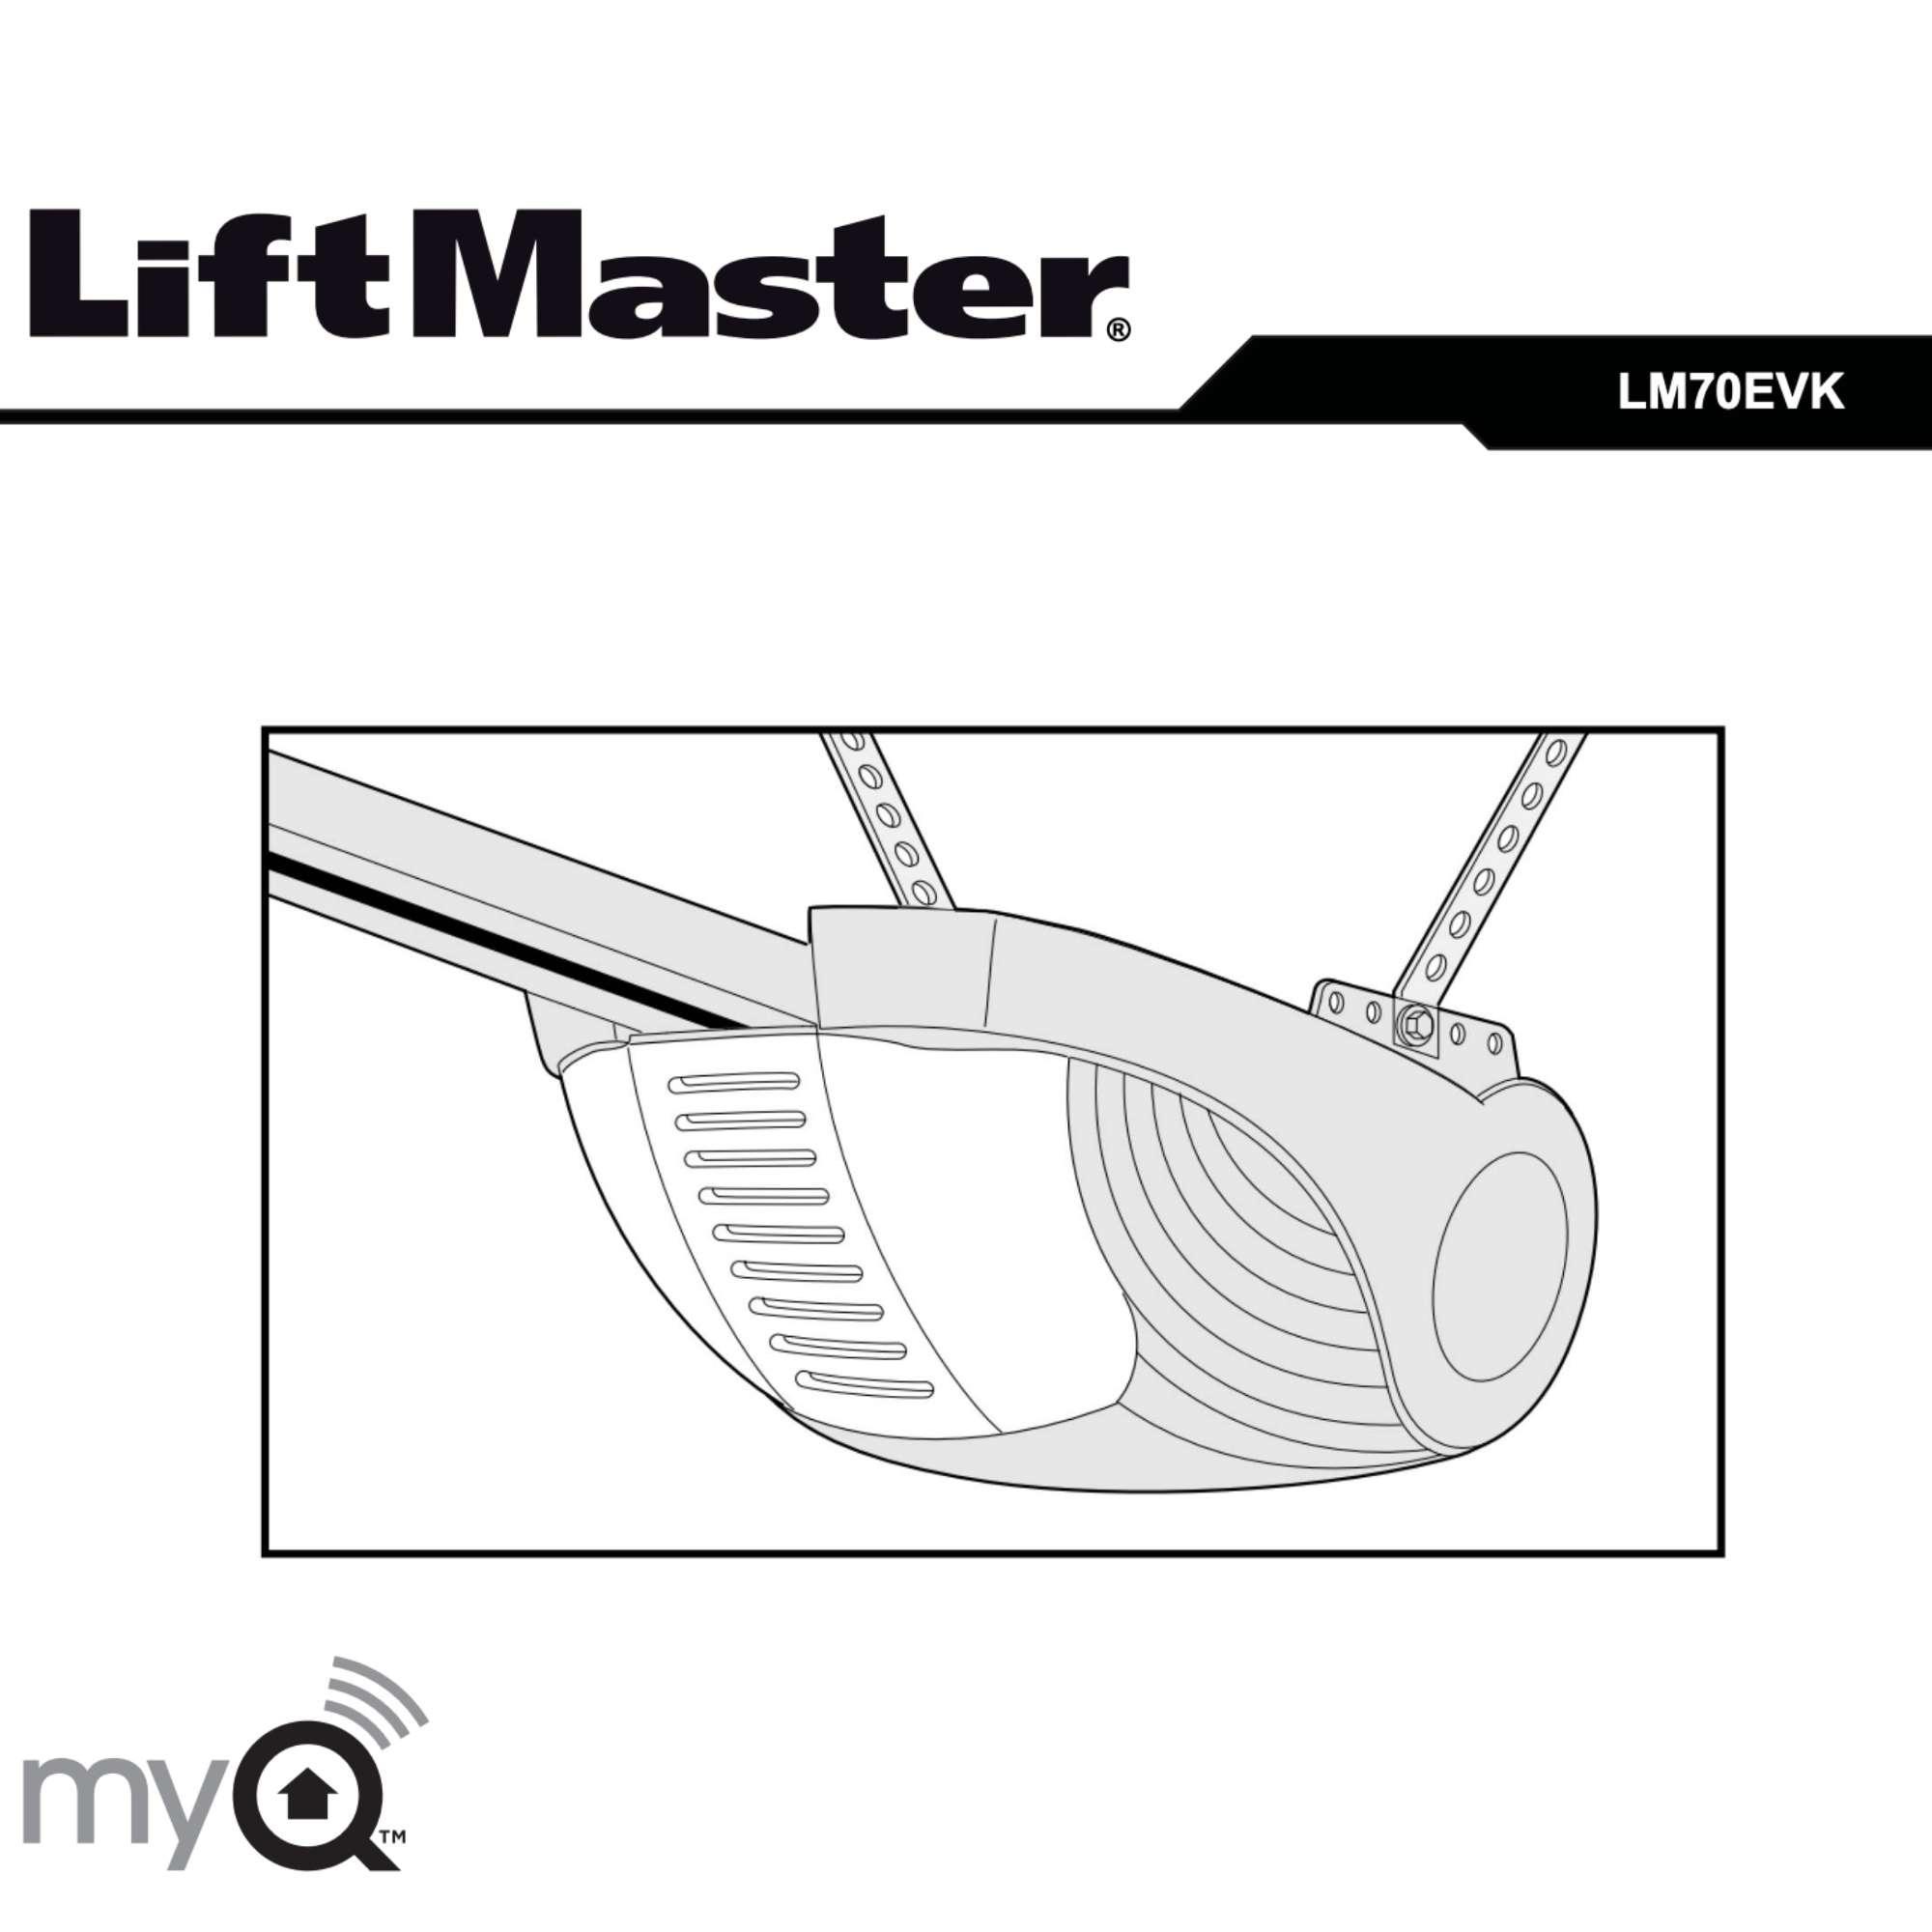 Montering og bruksanvisning for portåpner LM70EVK